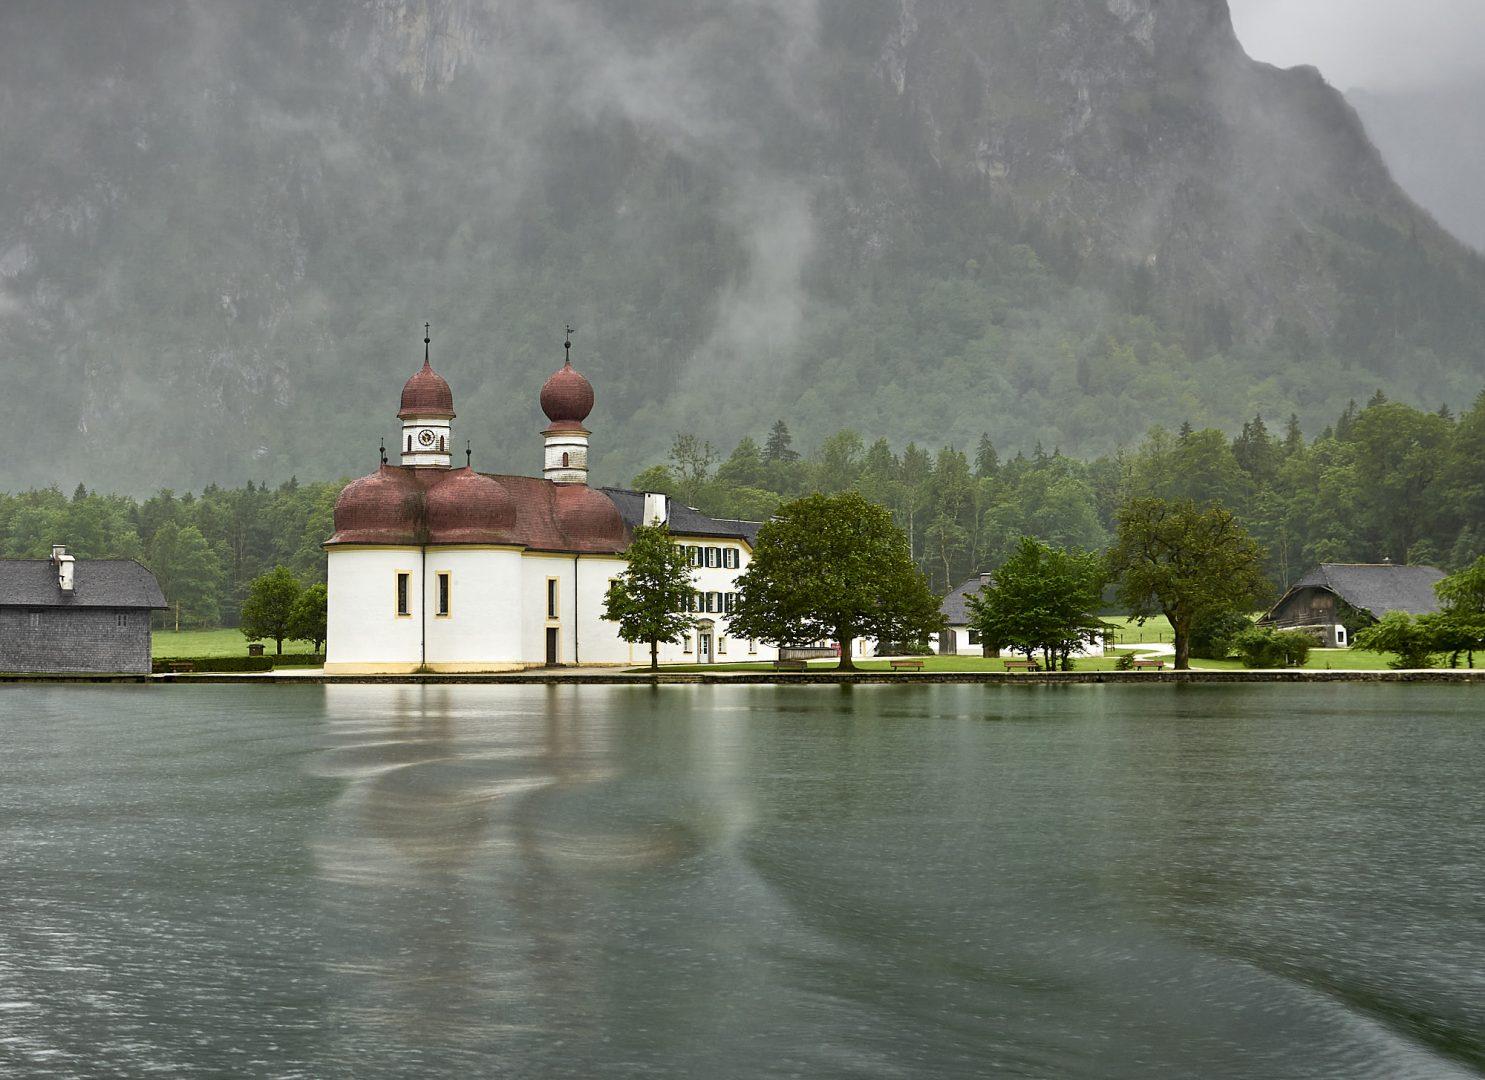 S. Bartholomae bei Regen - von Matthias Bayer